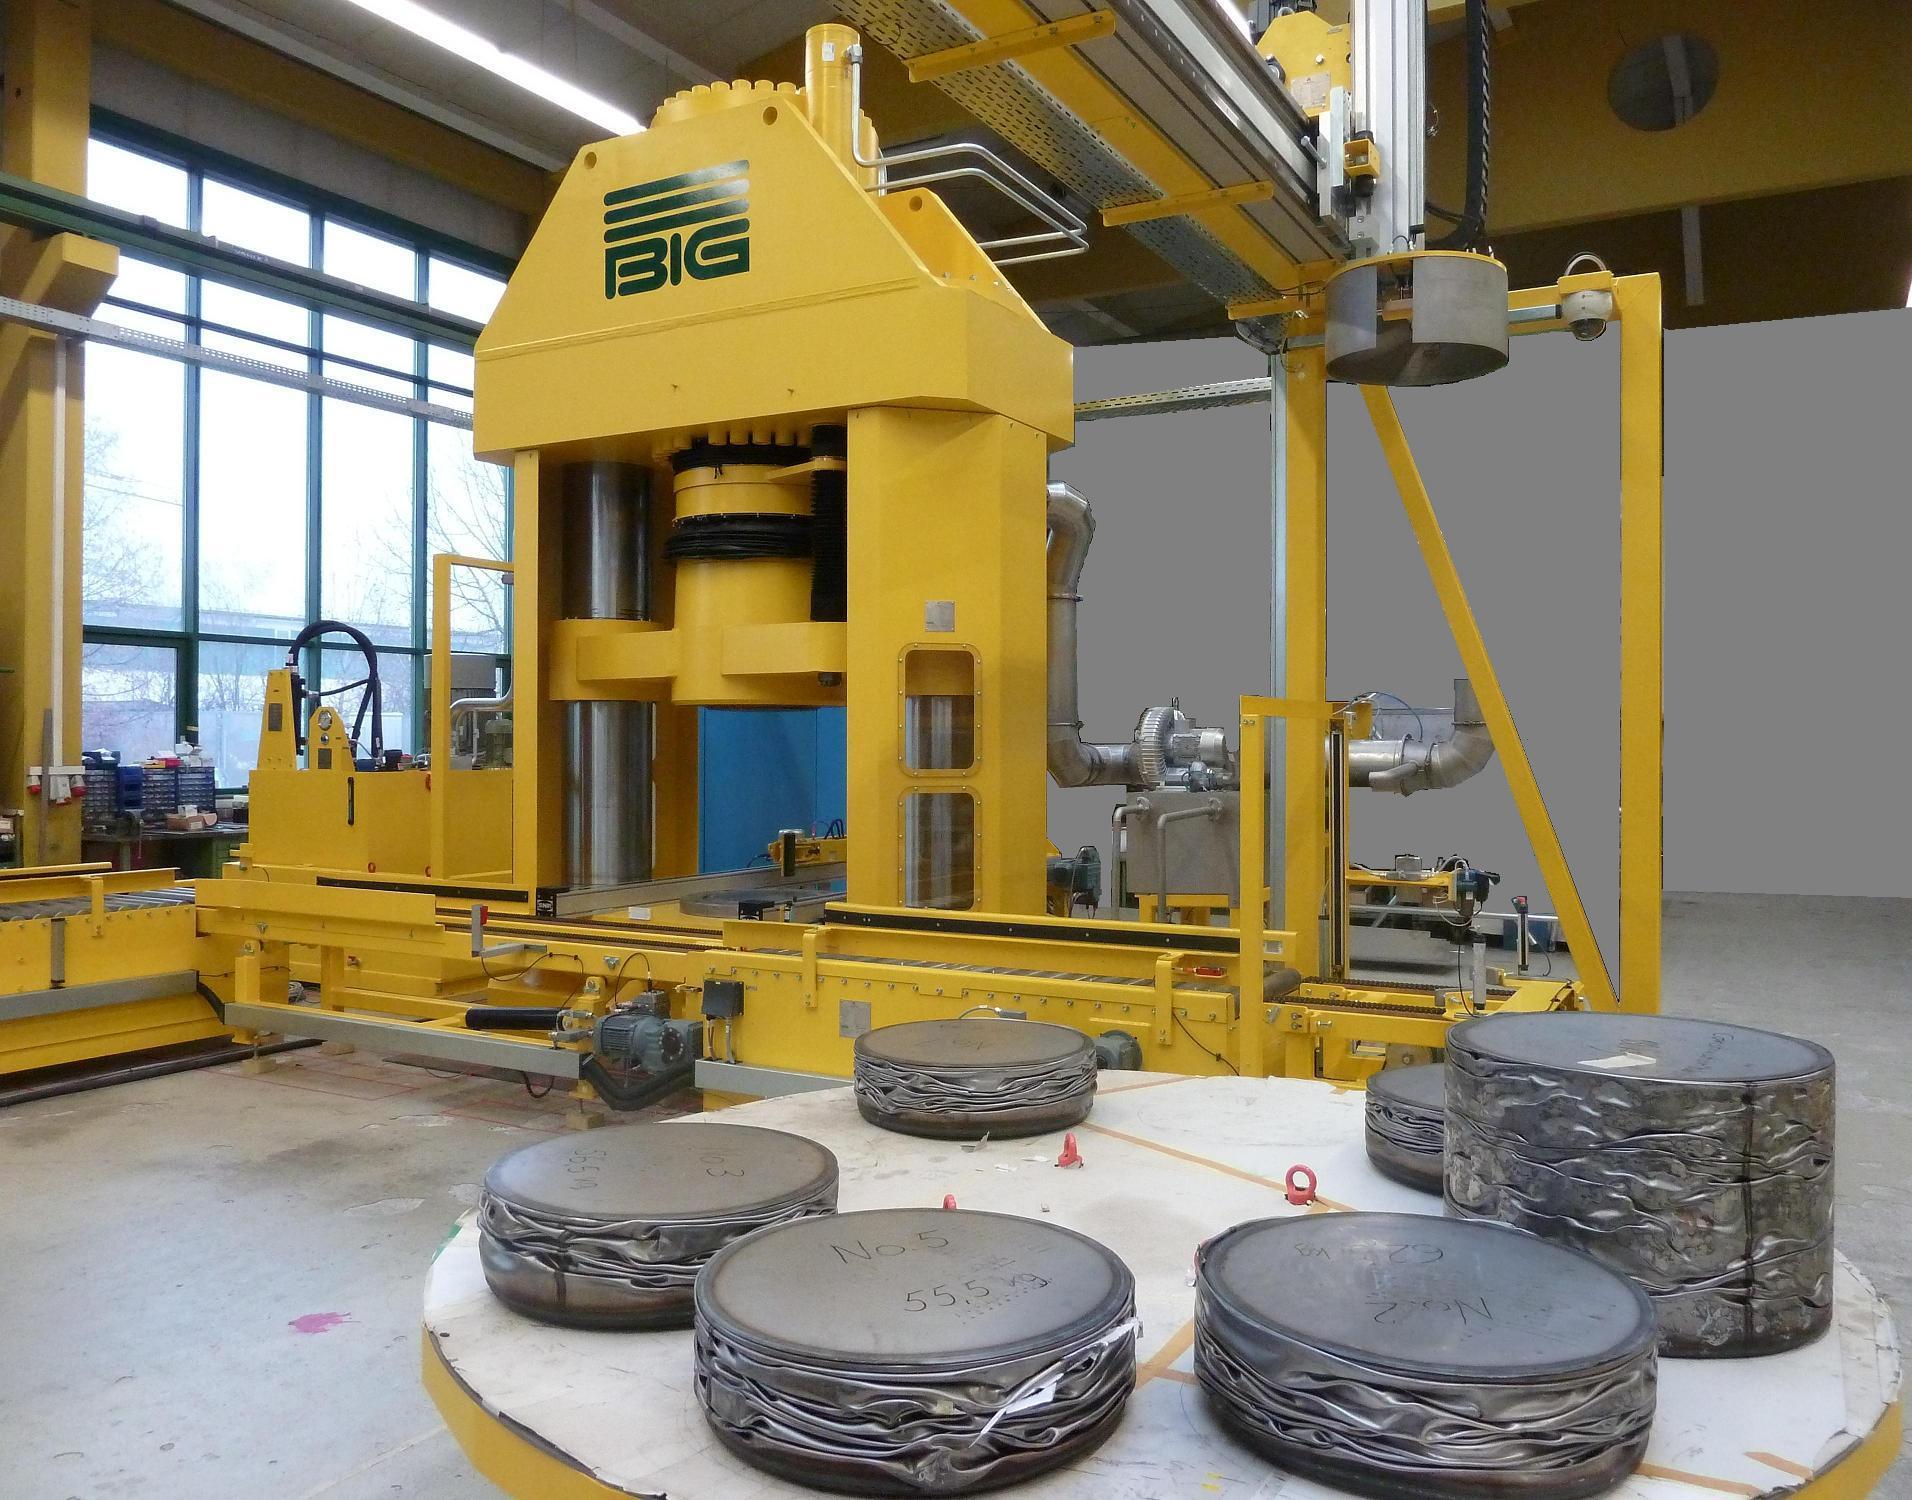 Hochdruckpresse für kontaminierte Abfälle